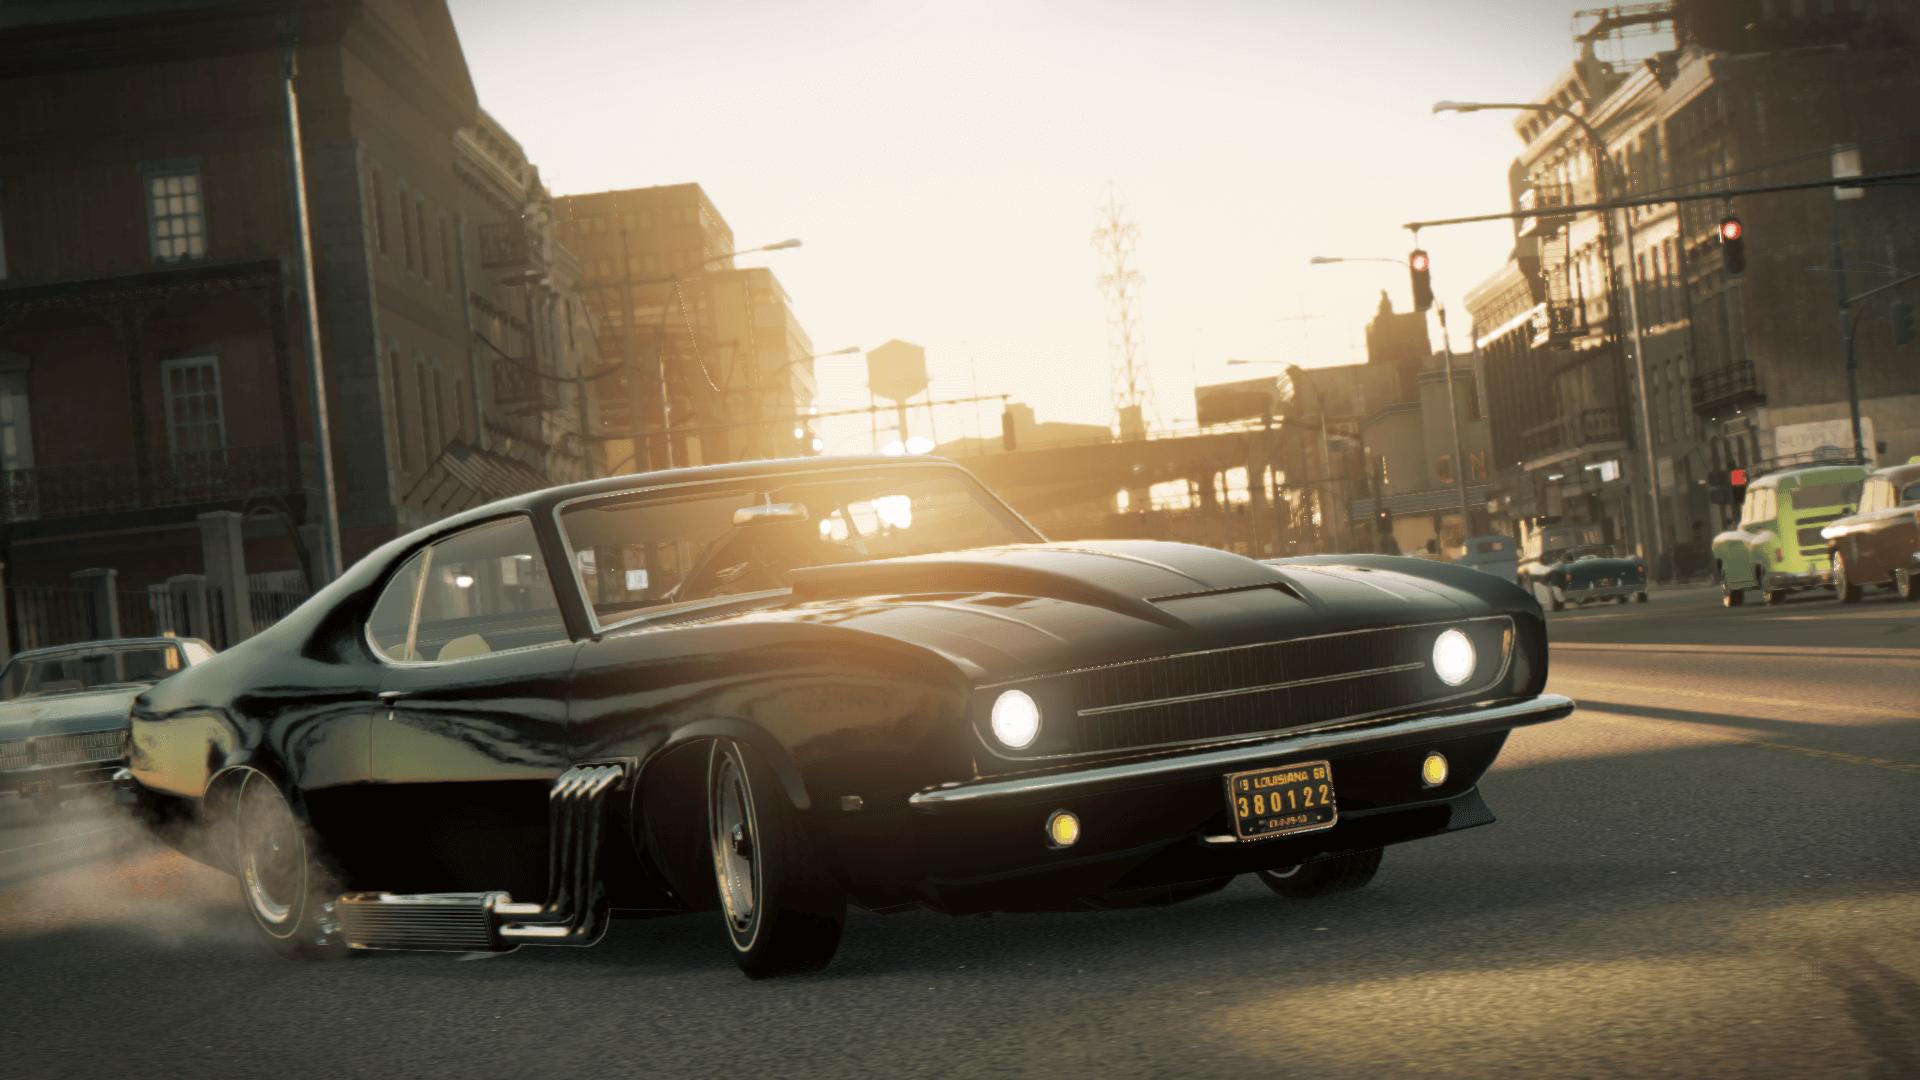 Mafia III (Oyun İncelemesi) | En Sevdiğim Arabam